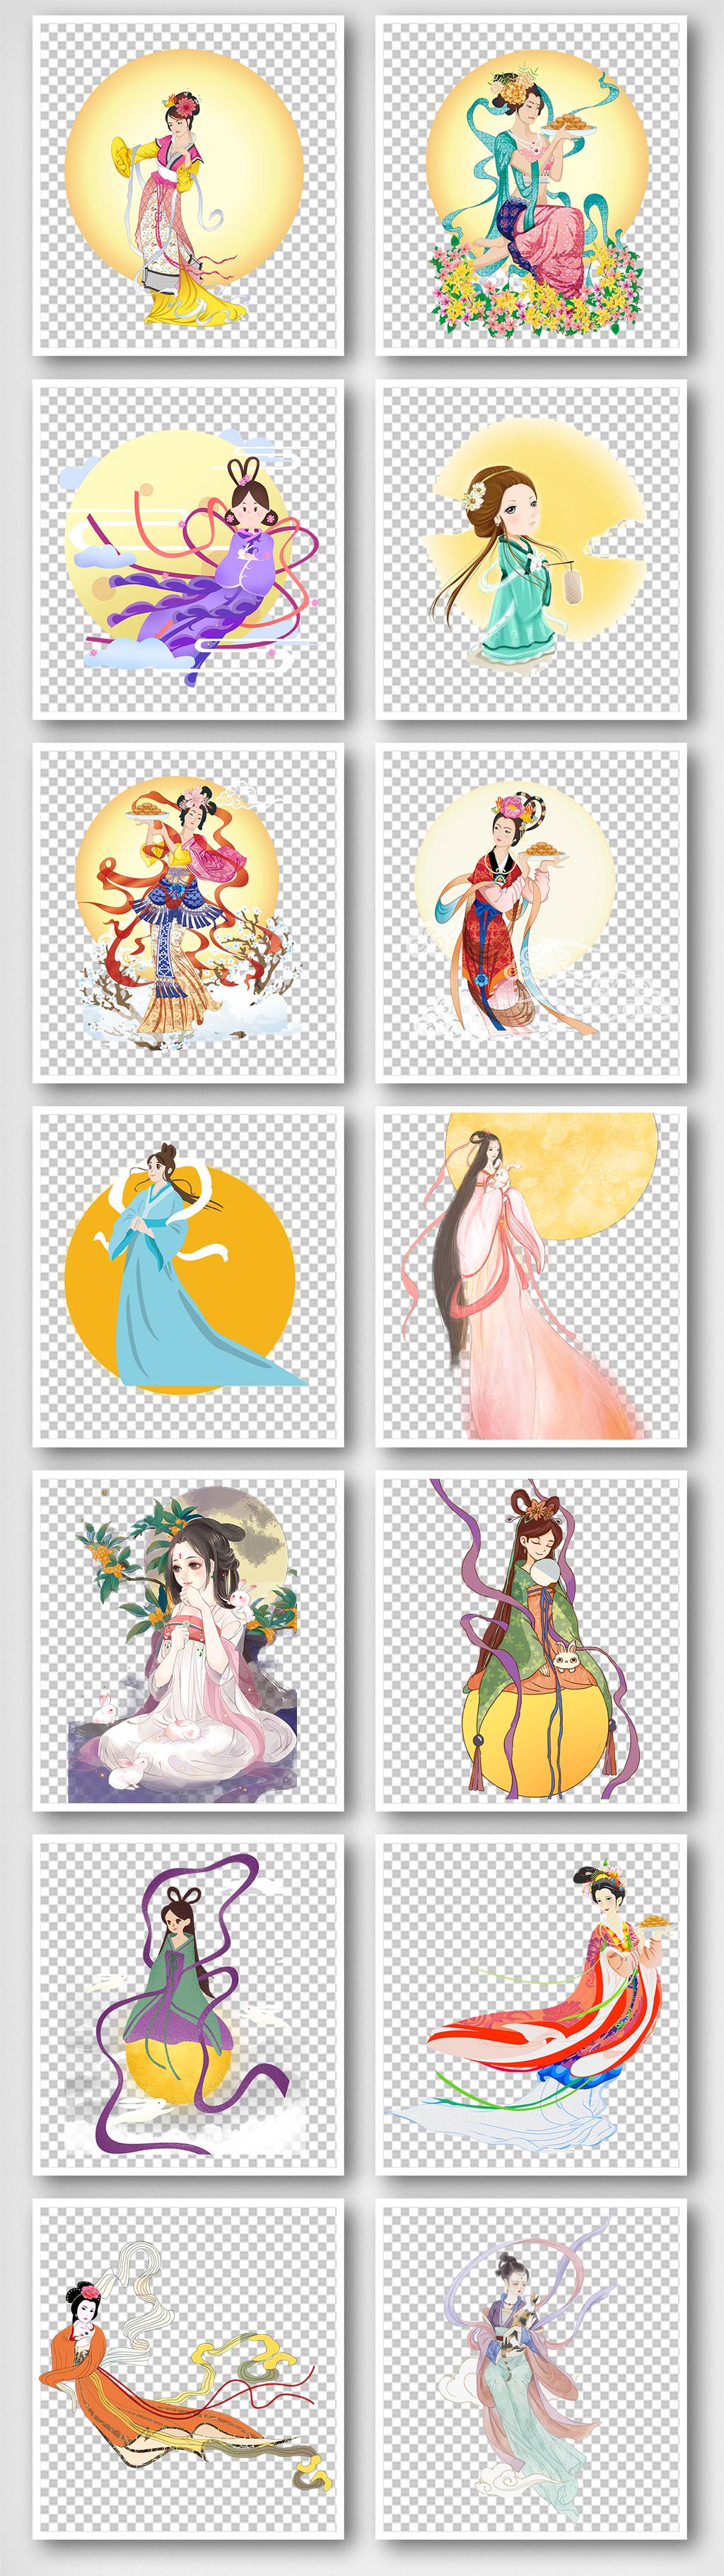 中秋节卡通手绘嫦娥仙女元素png图片素材(psd分层格式